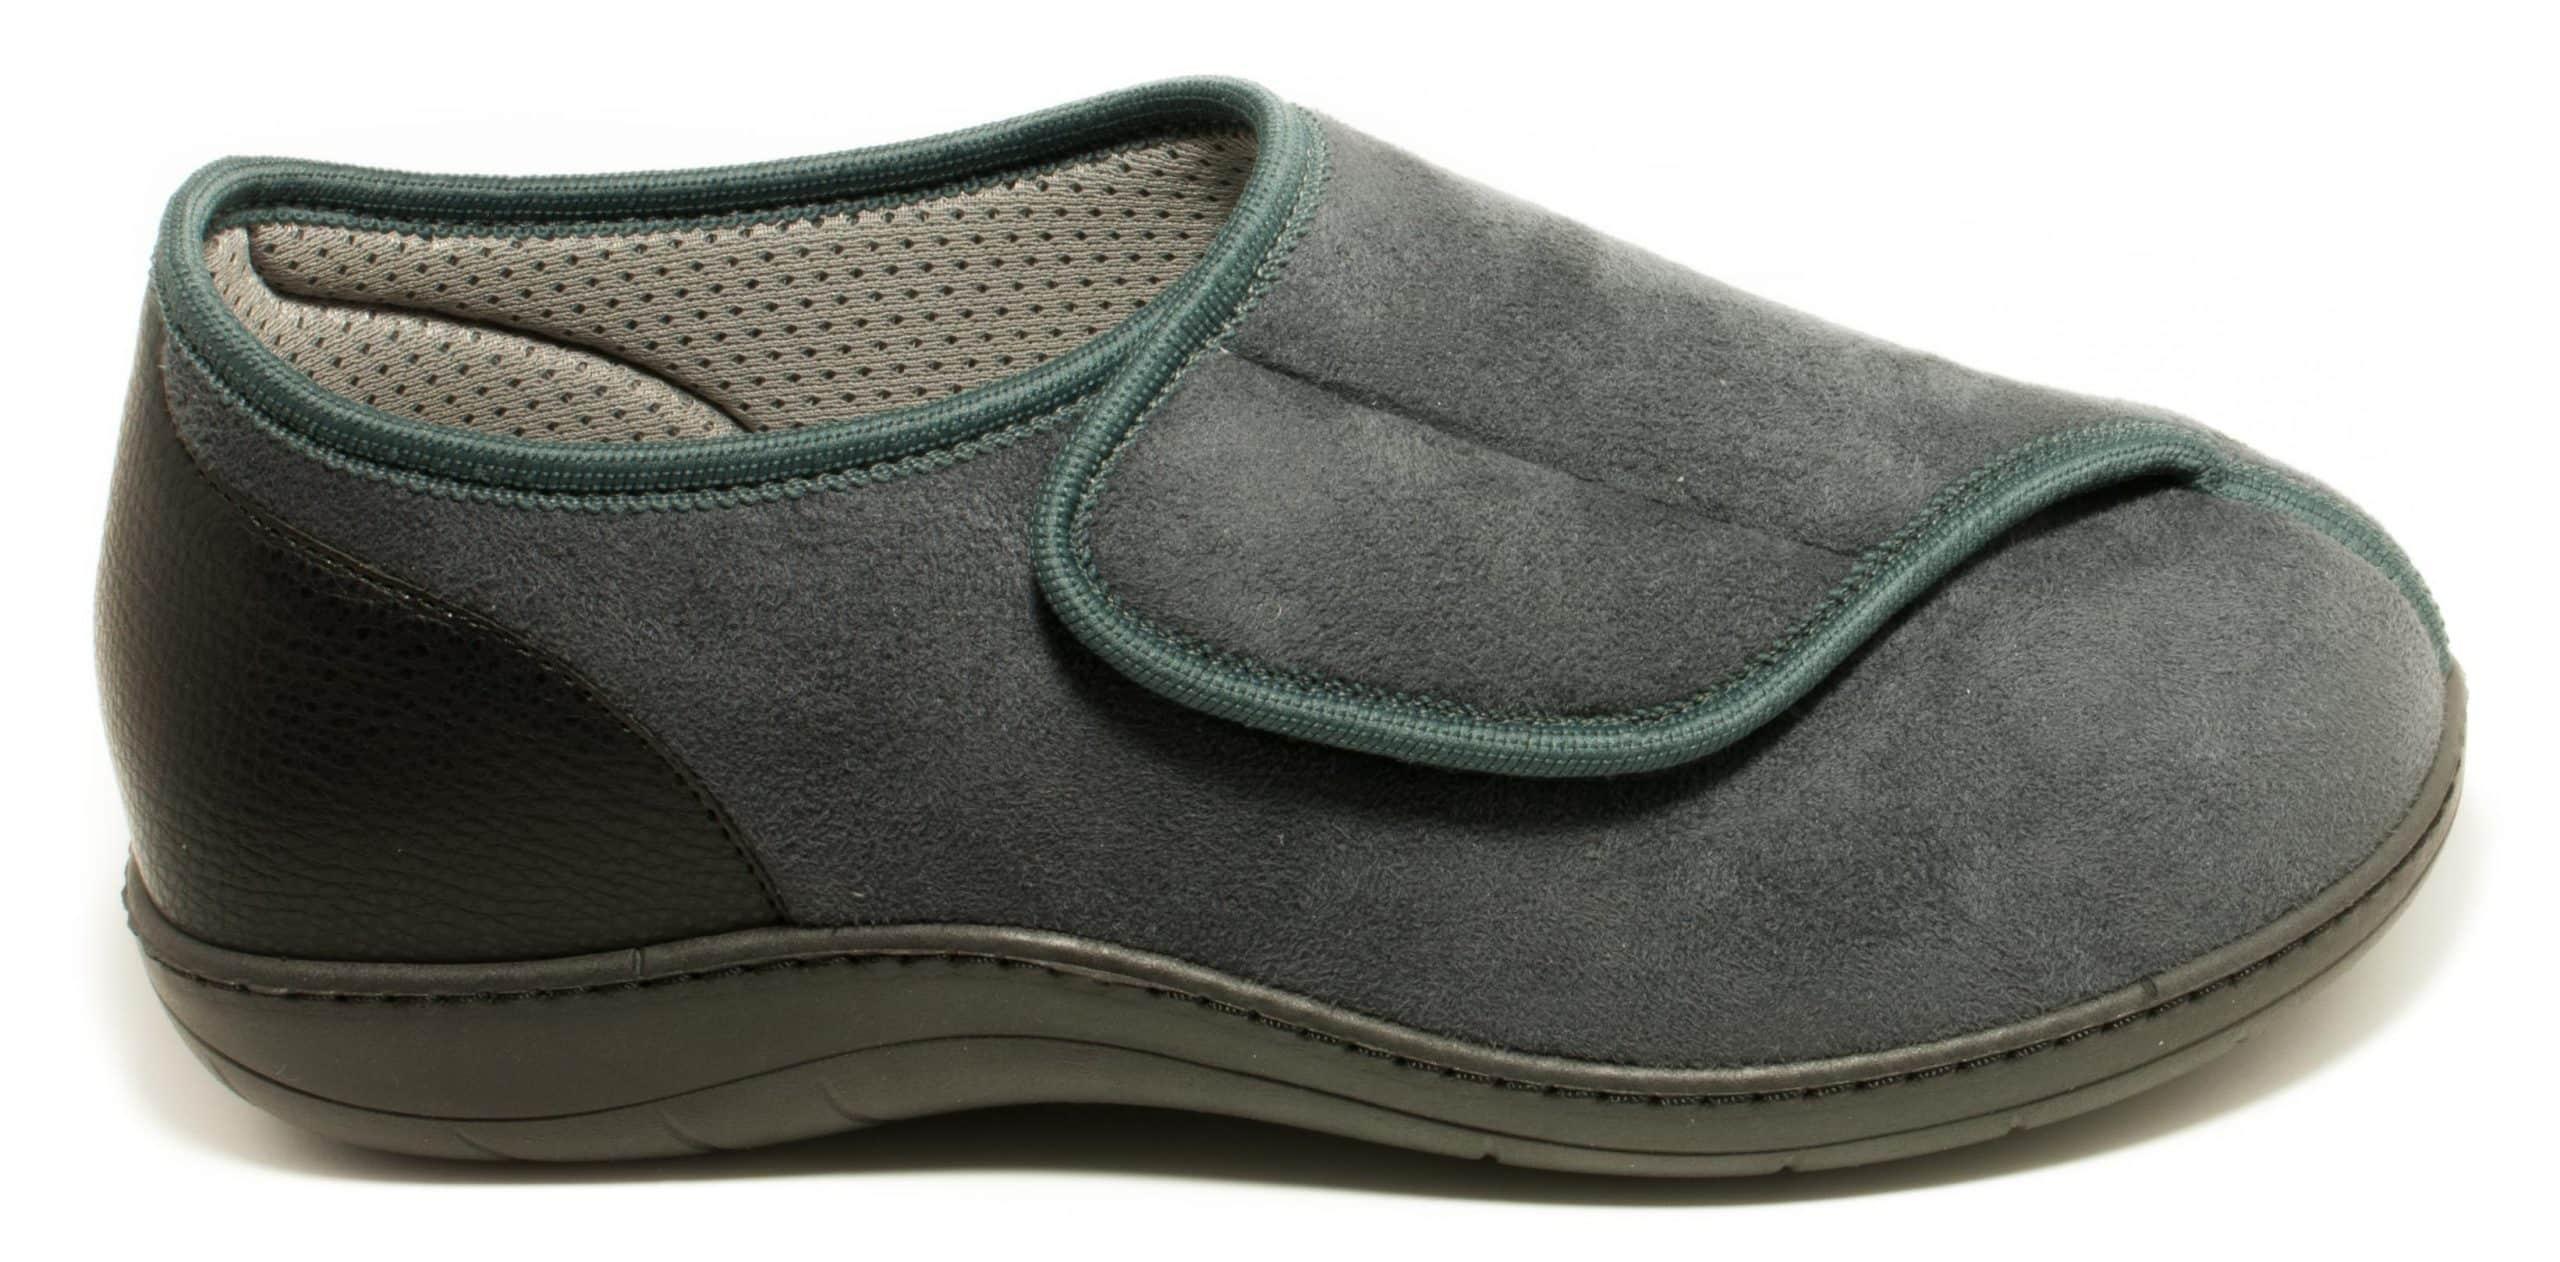 Chaussures Quelles Chaussons Ou Pied Choisir Diabétique S1qx1wH